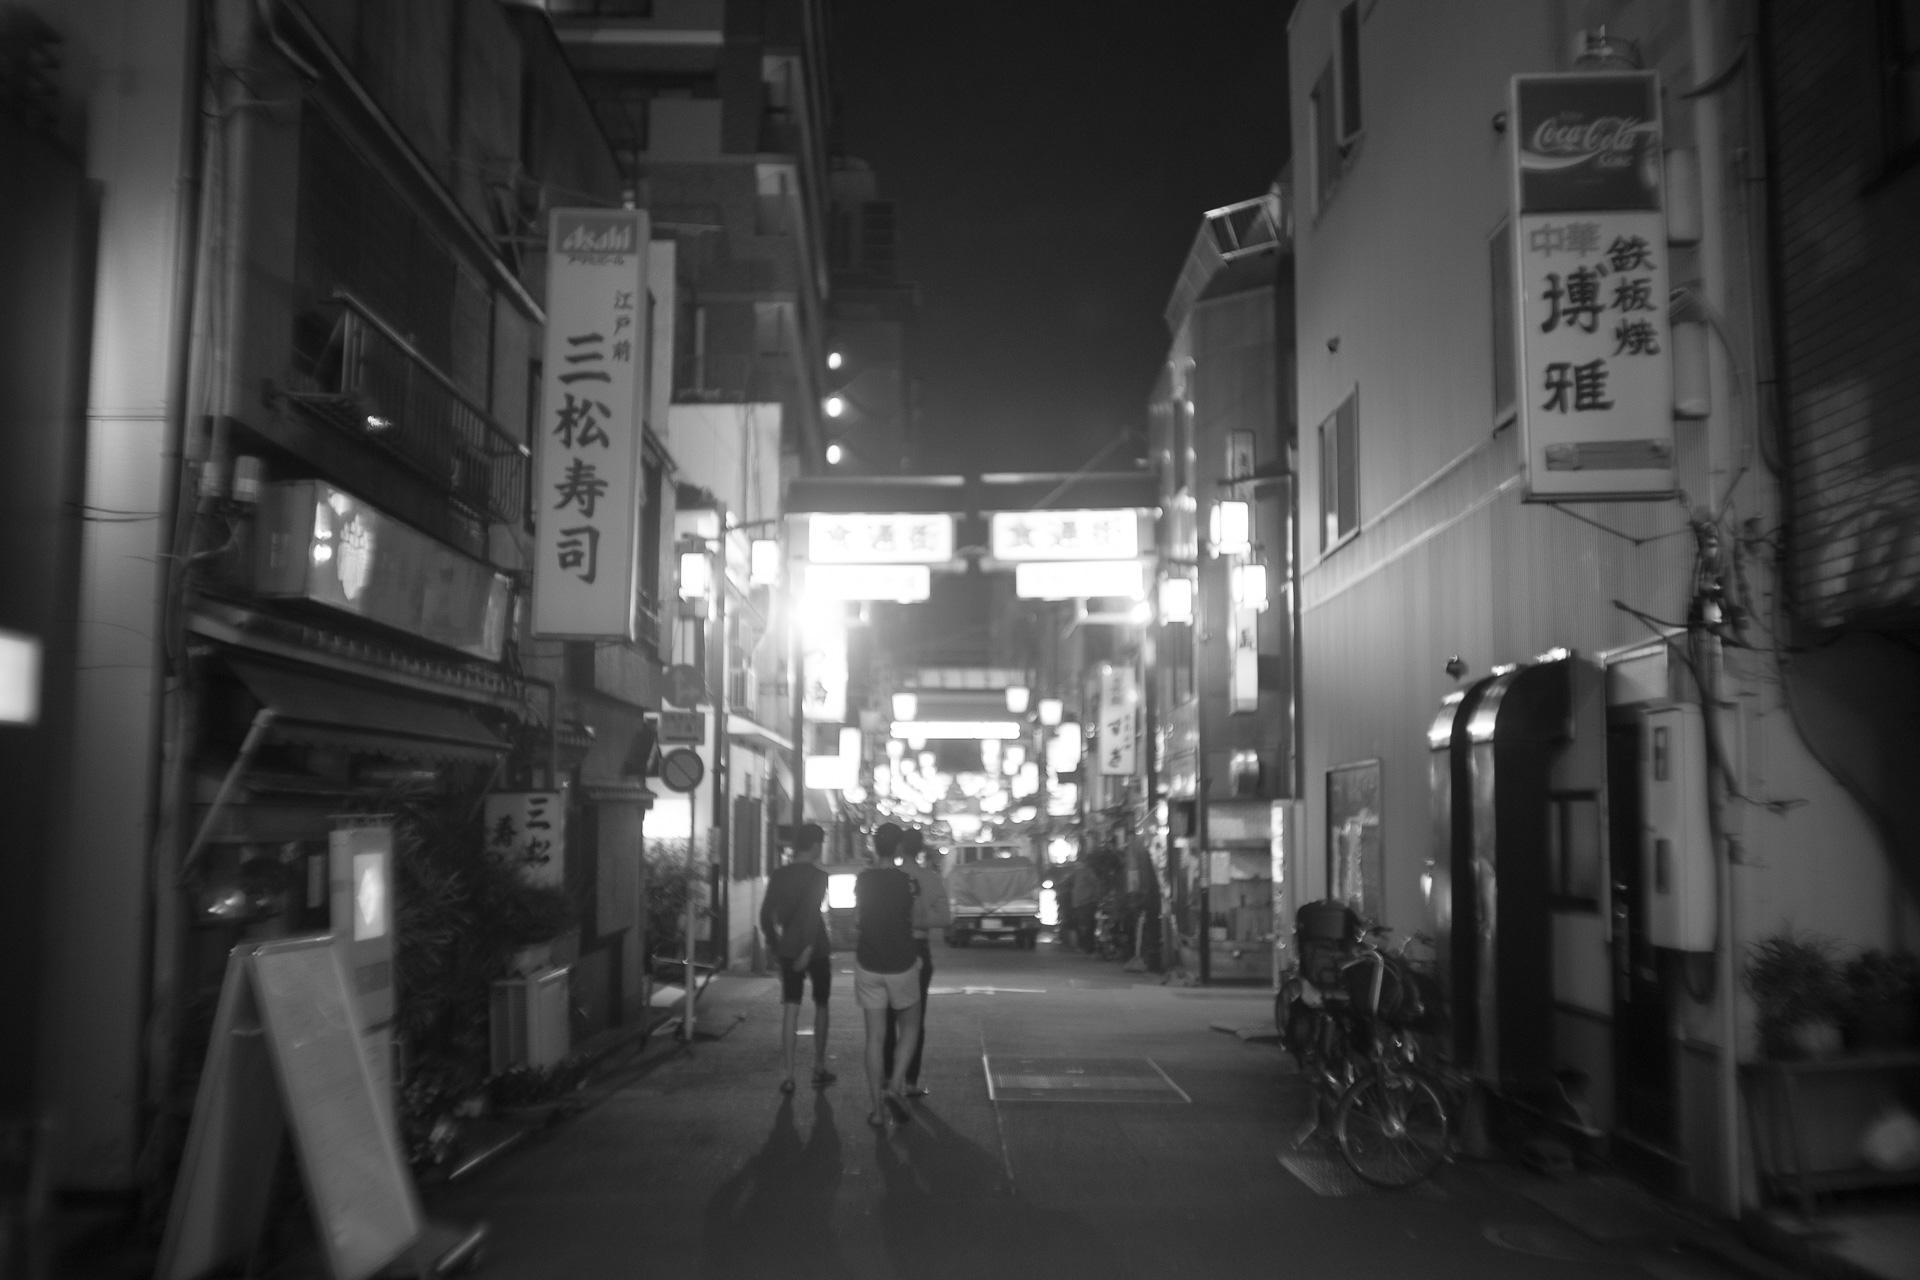 浅草 SONY α7, New Nikkor 35mm F2